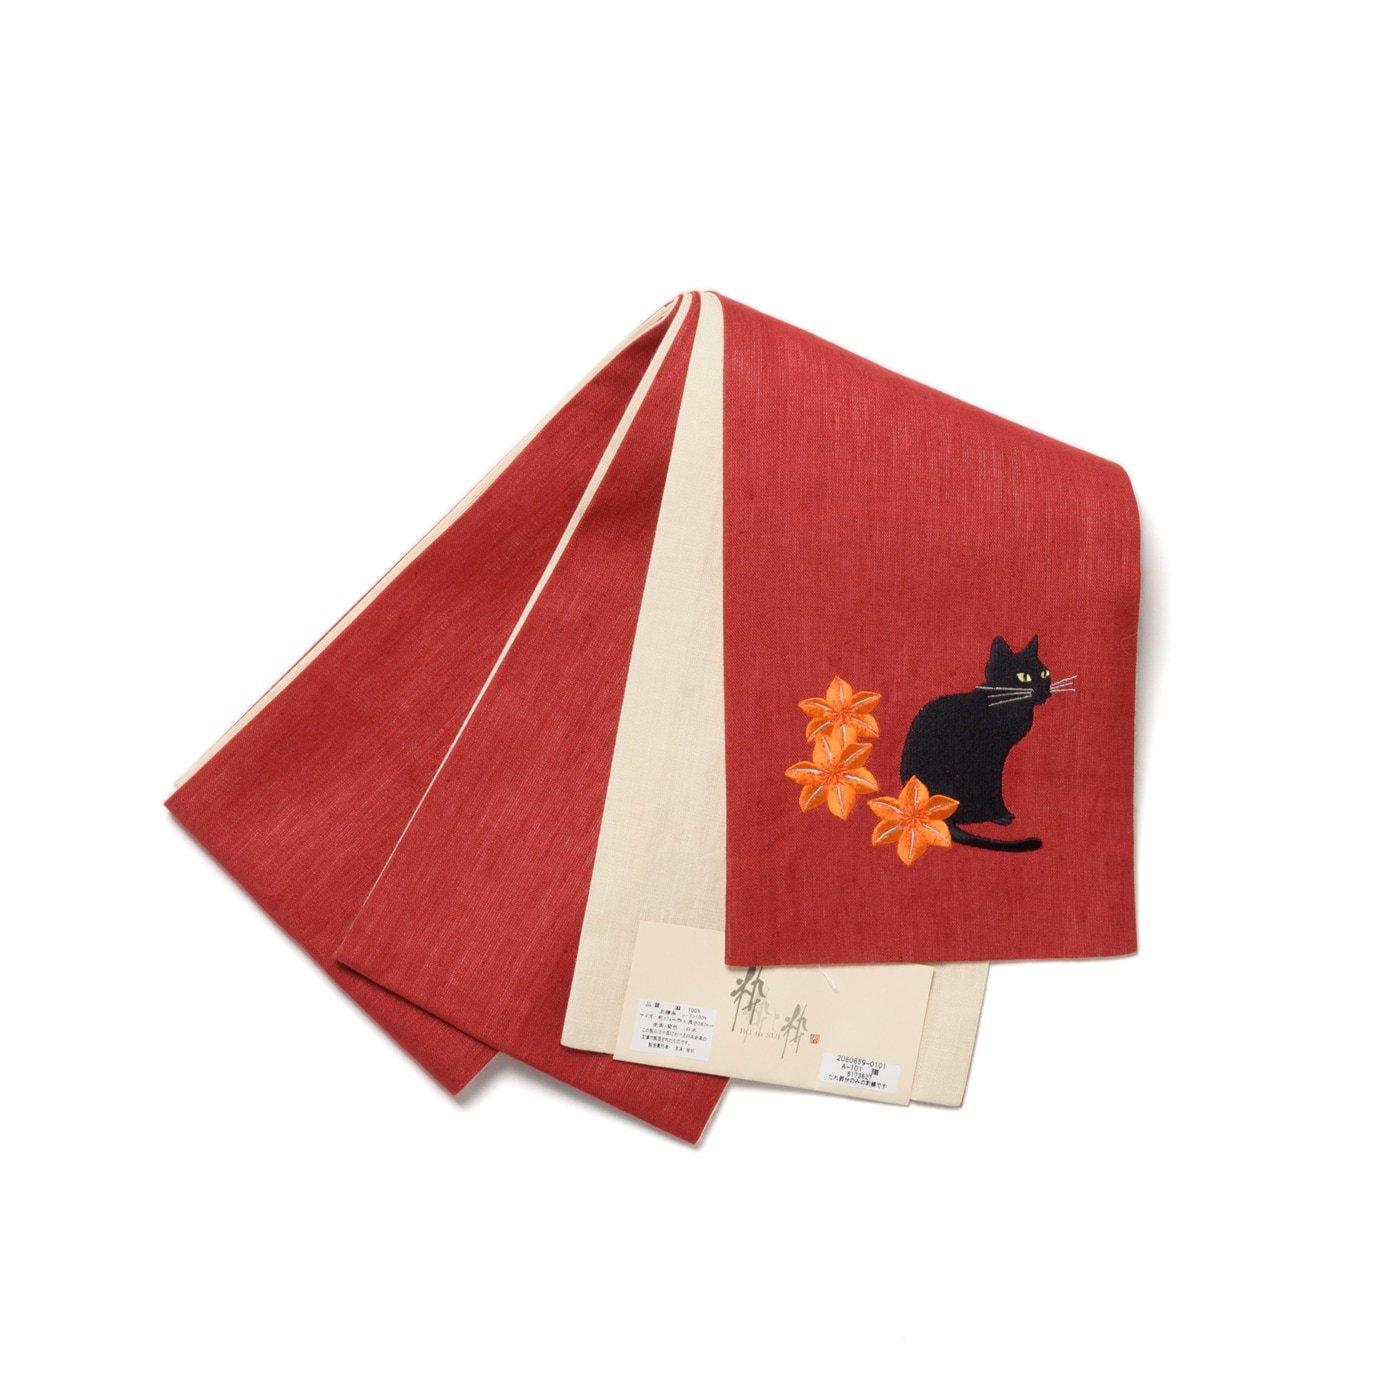 「麻100% 半幅帯 黒猫刺繍 赤」の商品画像